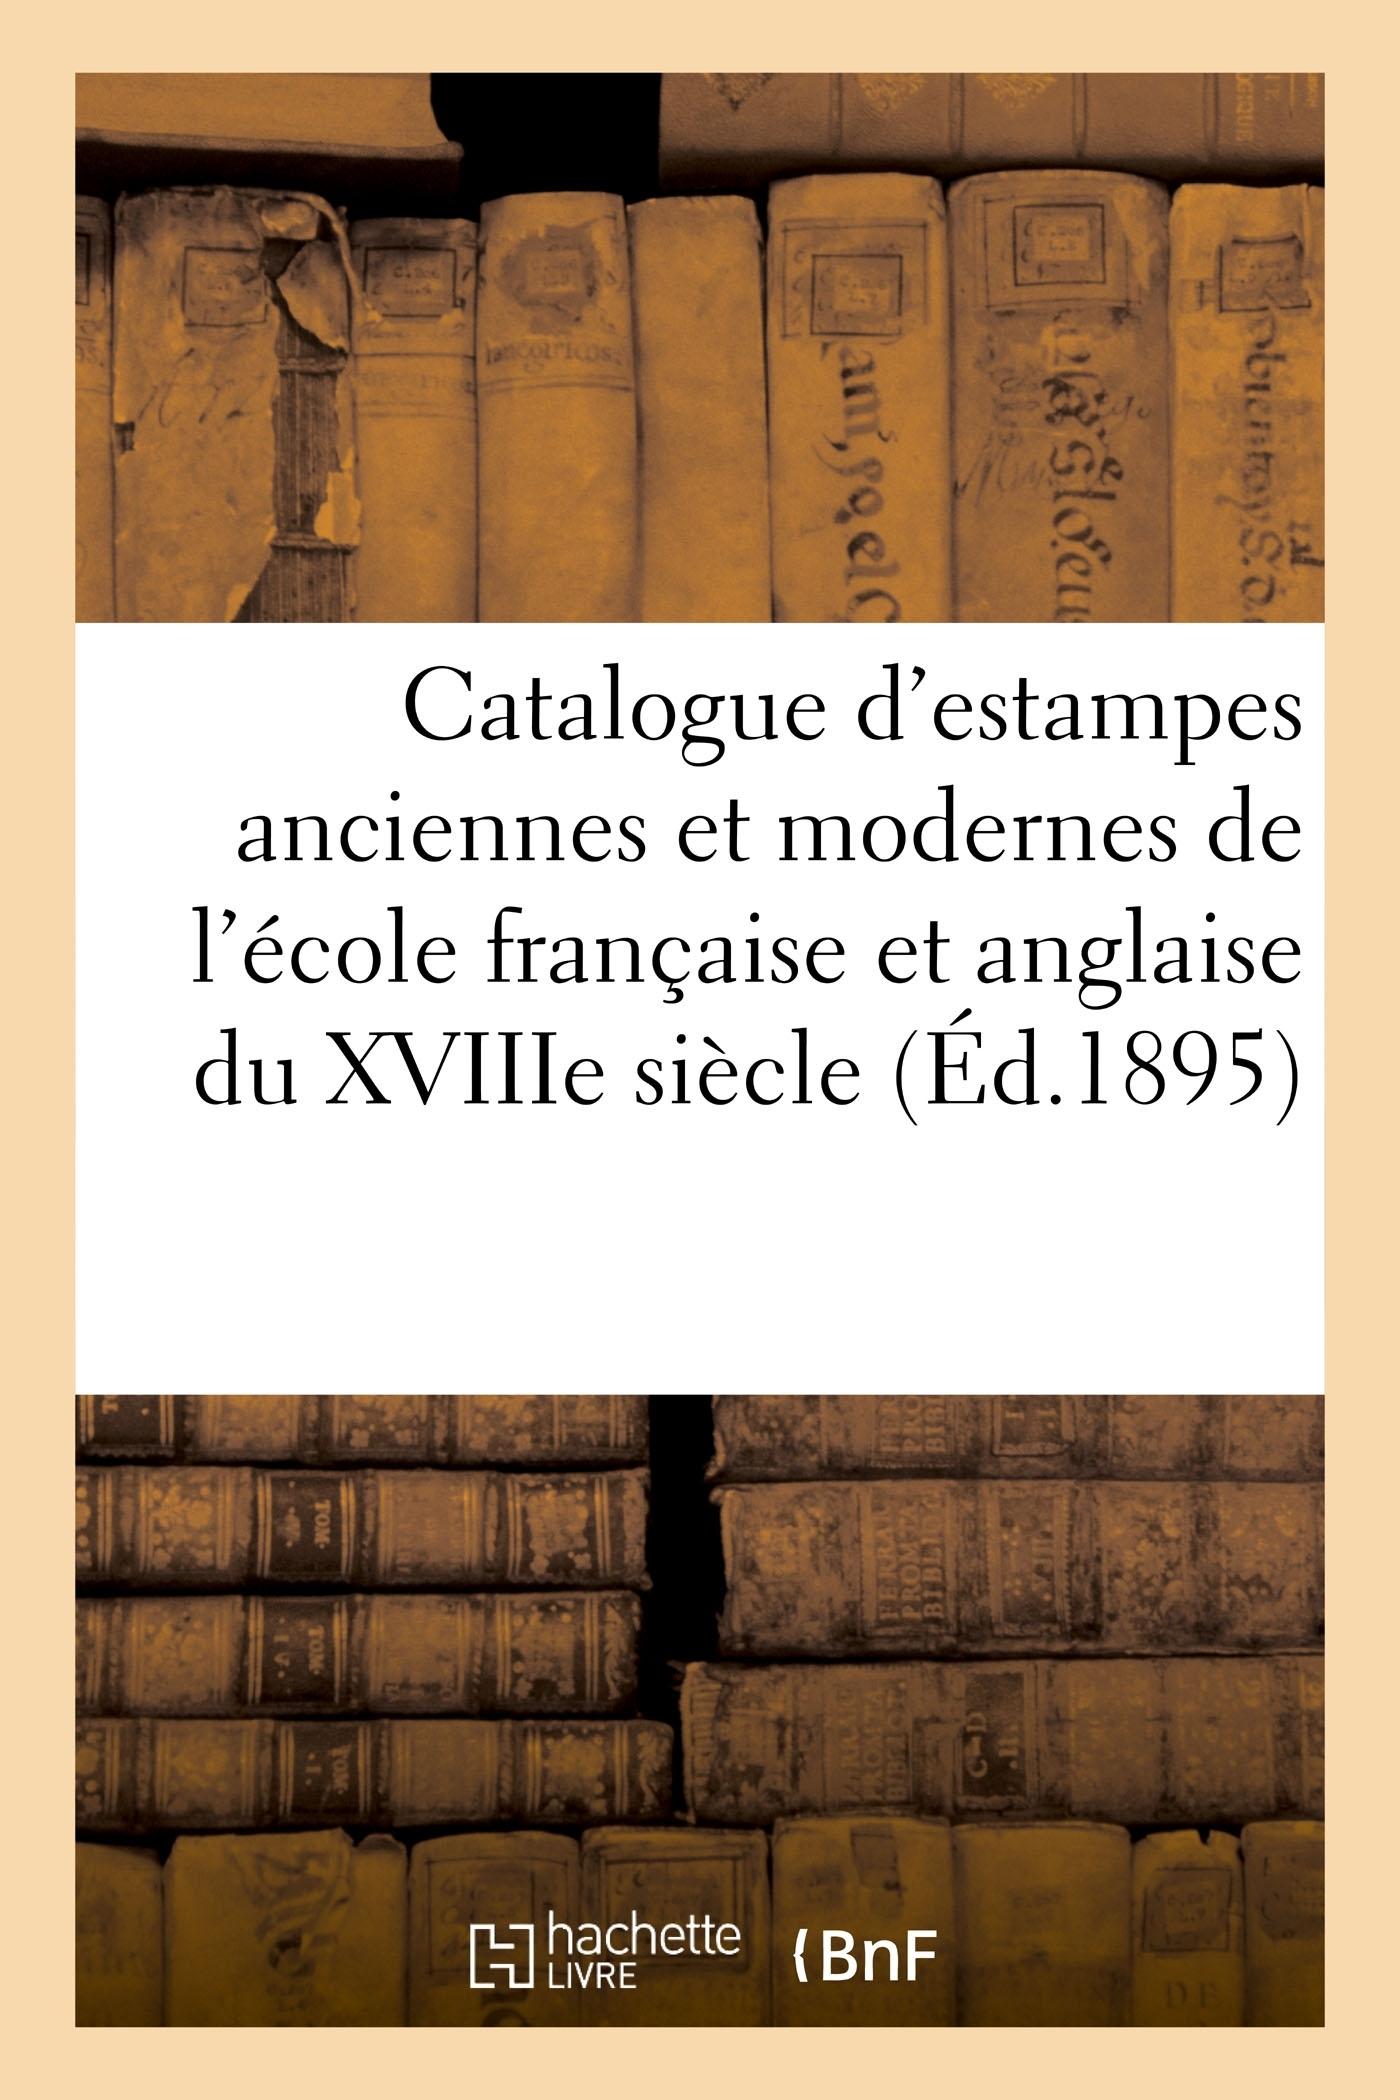 CATALOGUE D'ESTAMPES ANCIENNES ET MODERNES DE L'ECOLE FRANCAISE ET ANGLAISE DU XVIIIE SIECLE - LITHO